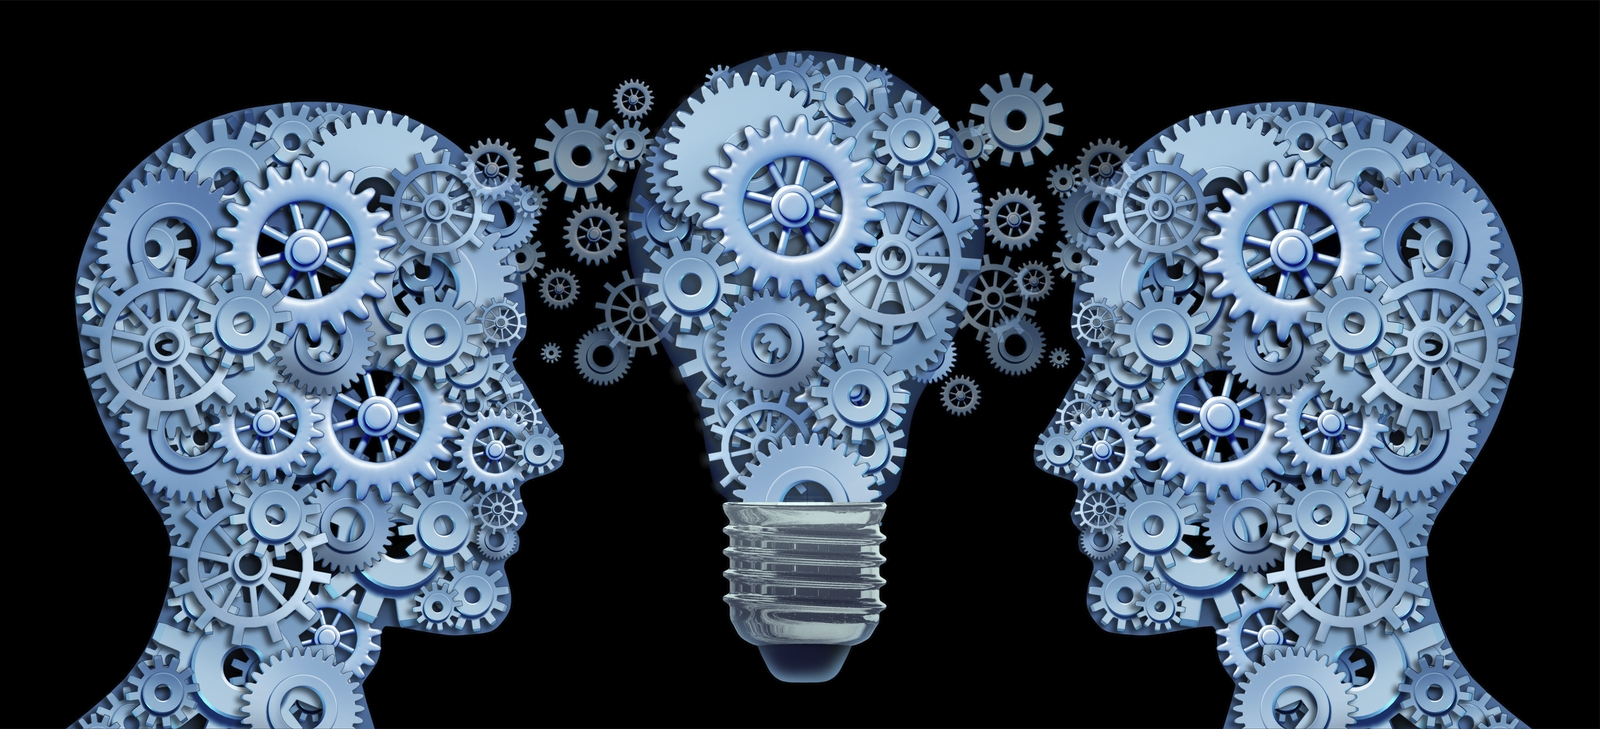 Biais Cognitif : Consommation de masse et psychologie